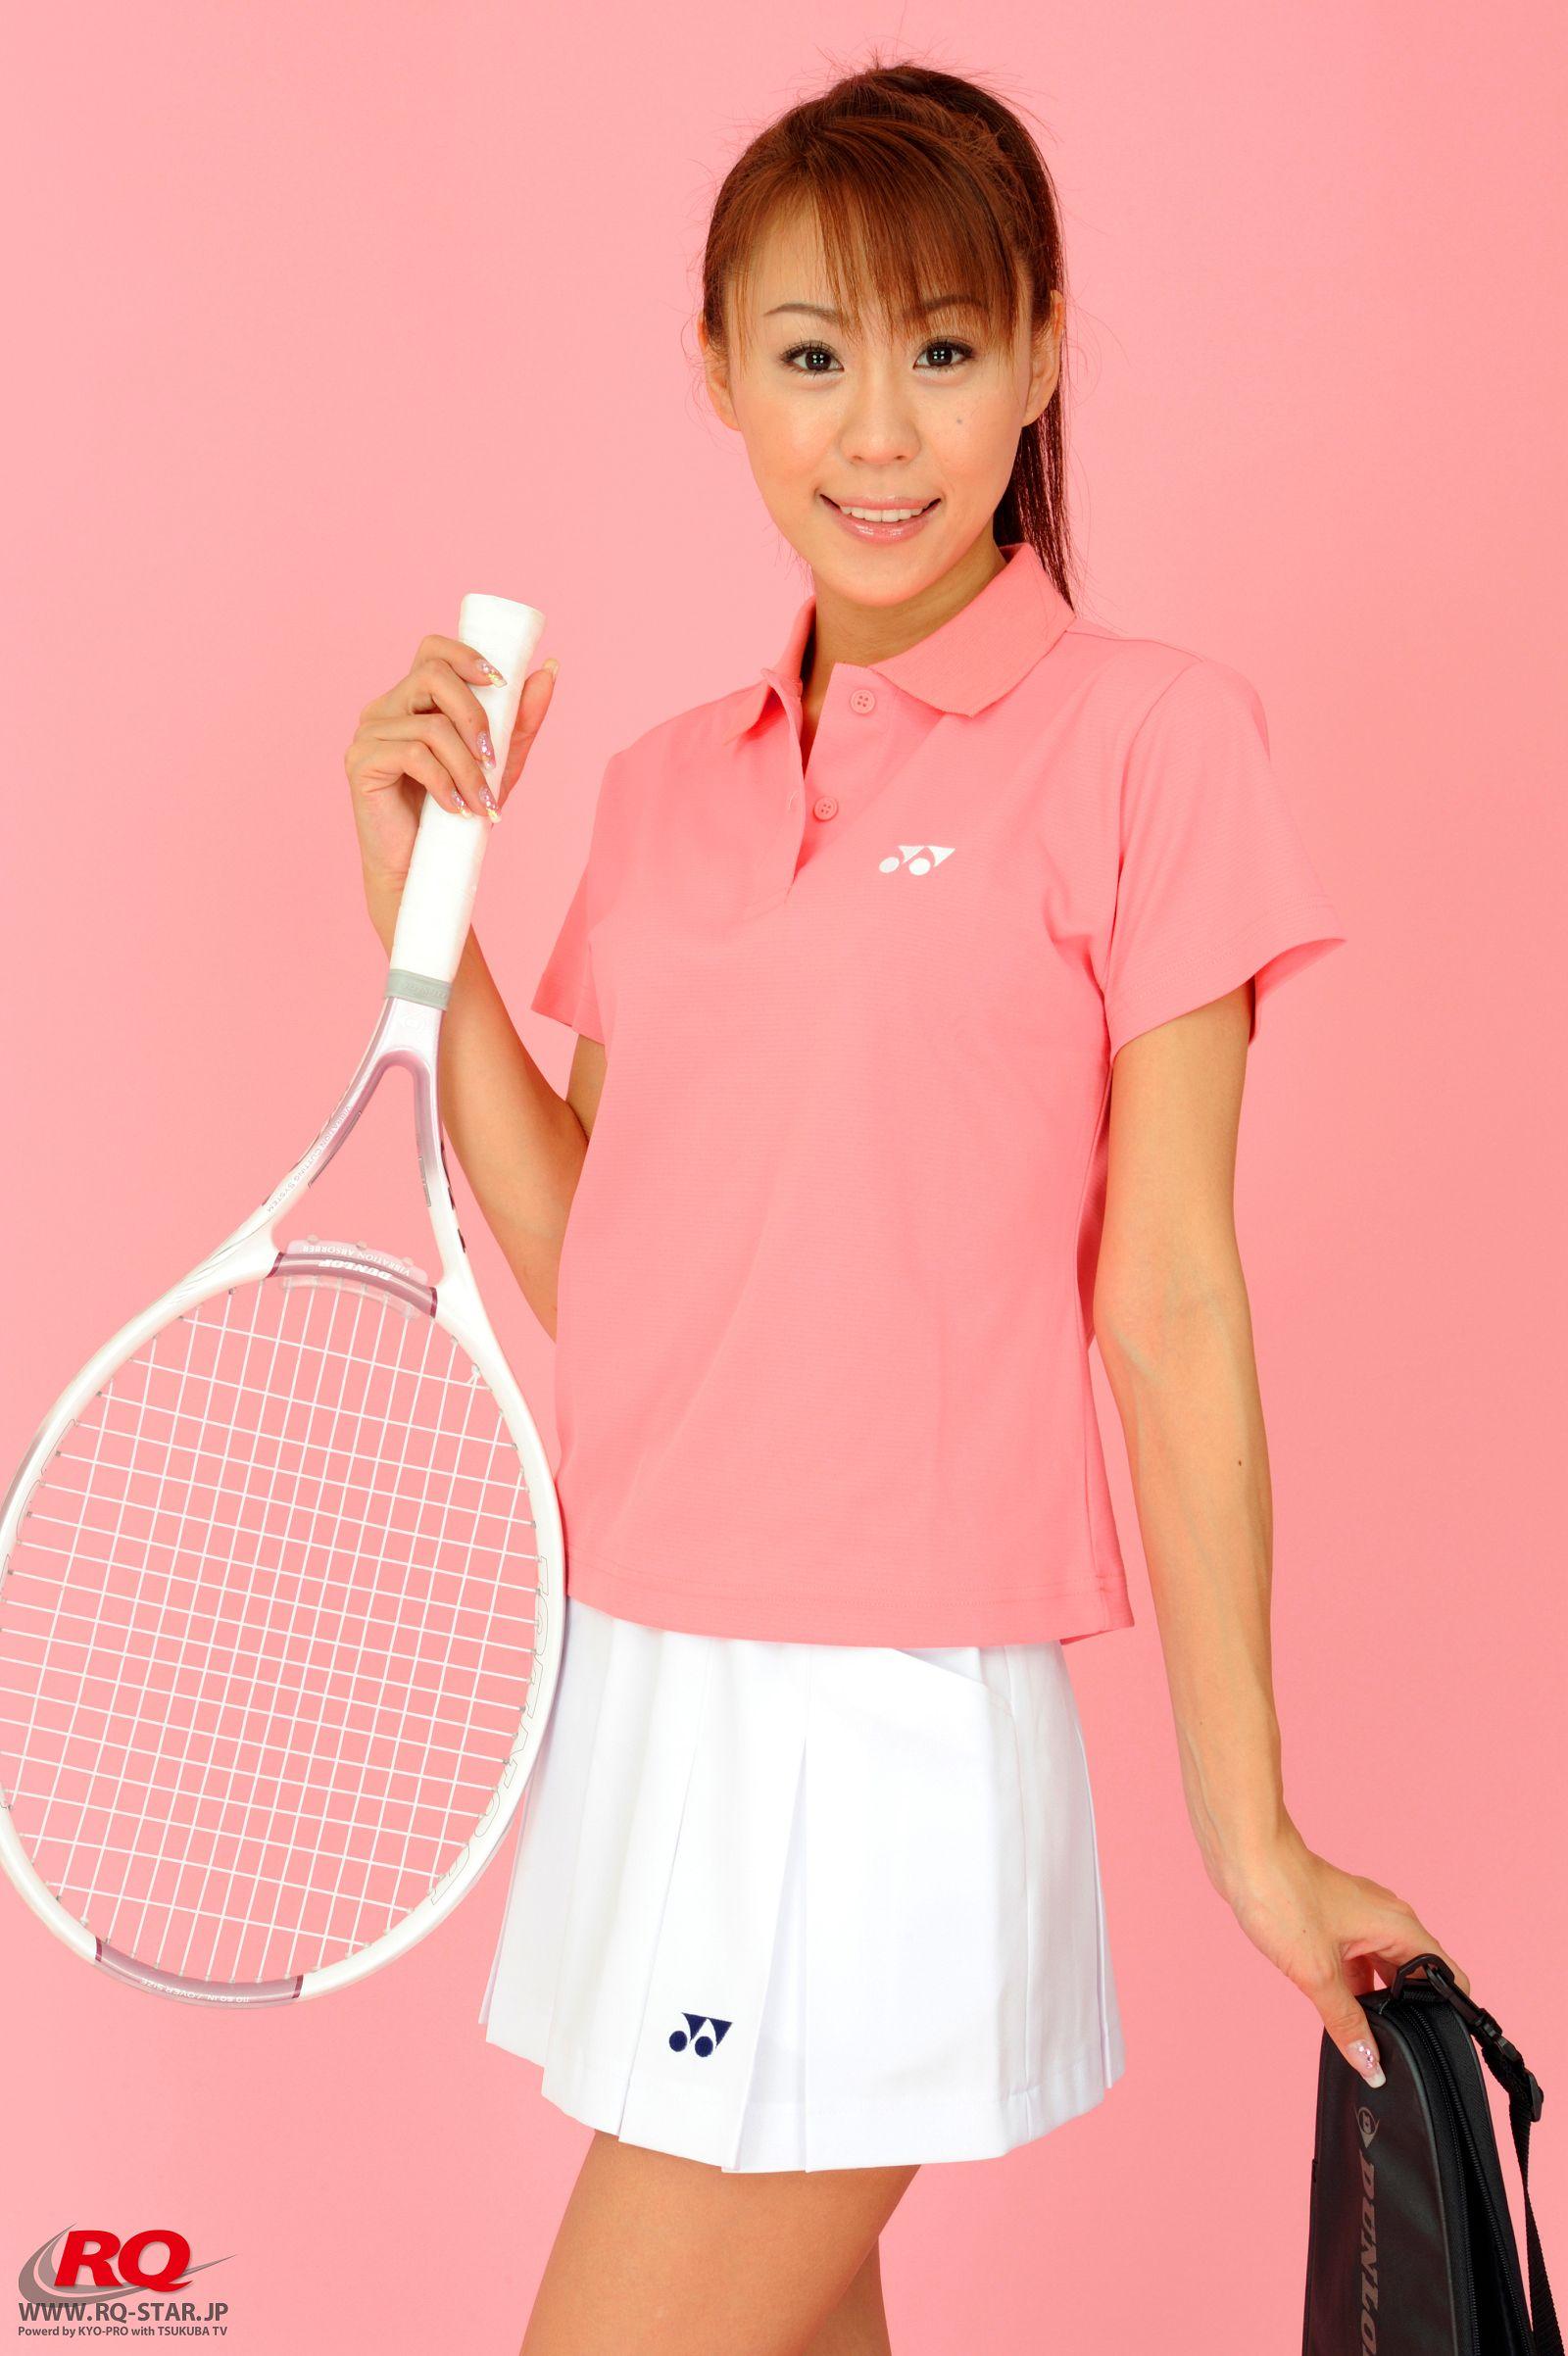 [RQ STAR美女] NO.01072 Mika Yokobe 横部実佳 Tennis Wear[90P] RQ STAR 第2张